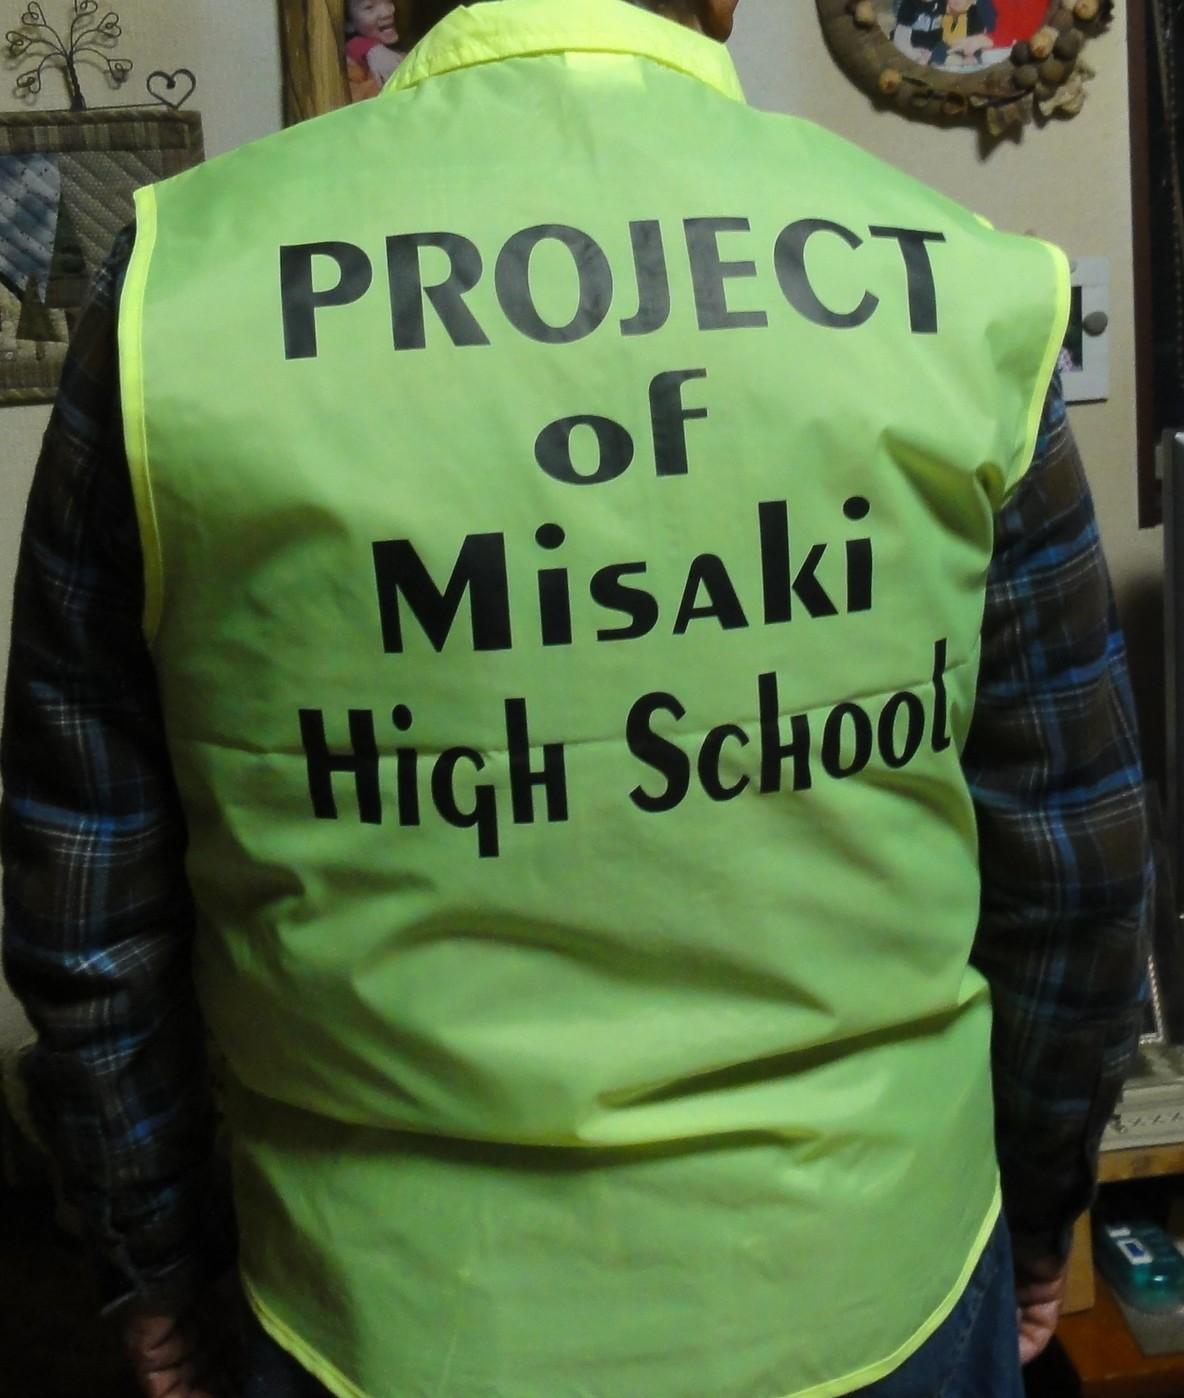 岬高校:第4回「MISAKIプロジェクト2010」連絡協議会_c0108460_2123430.jpg